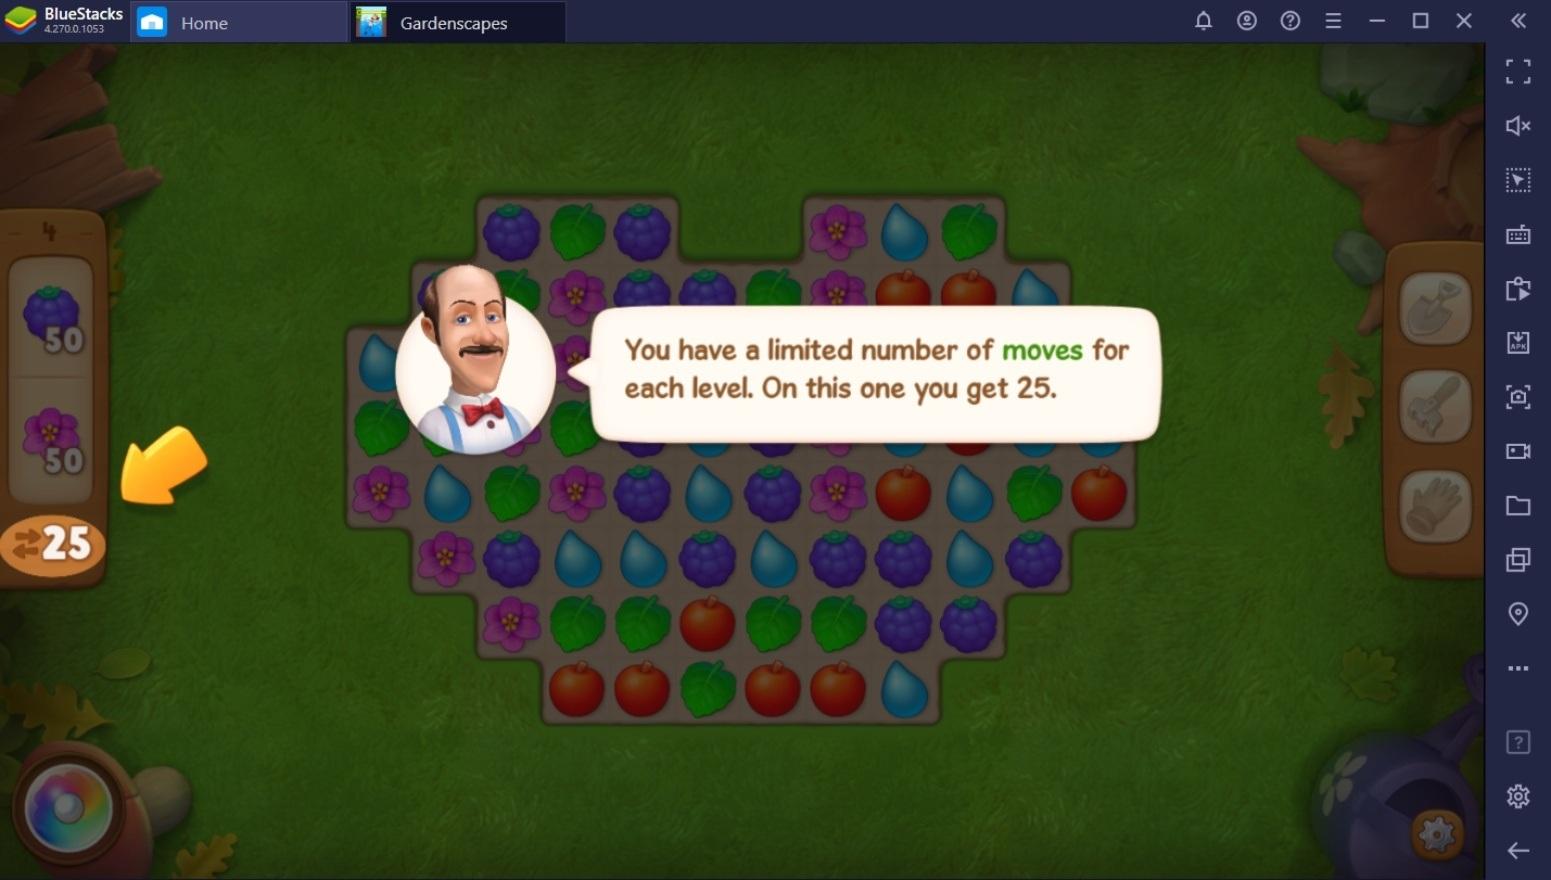 دليل المبتدئين للعب لعبة Gardenscapes